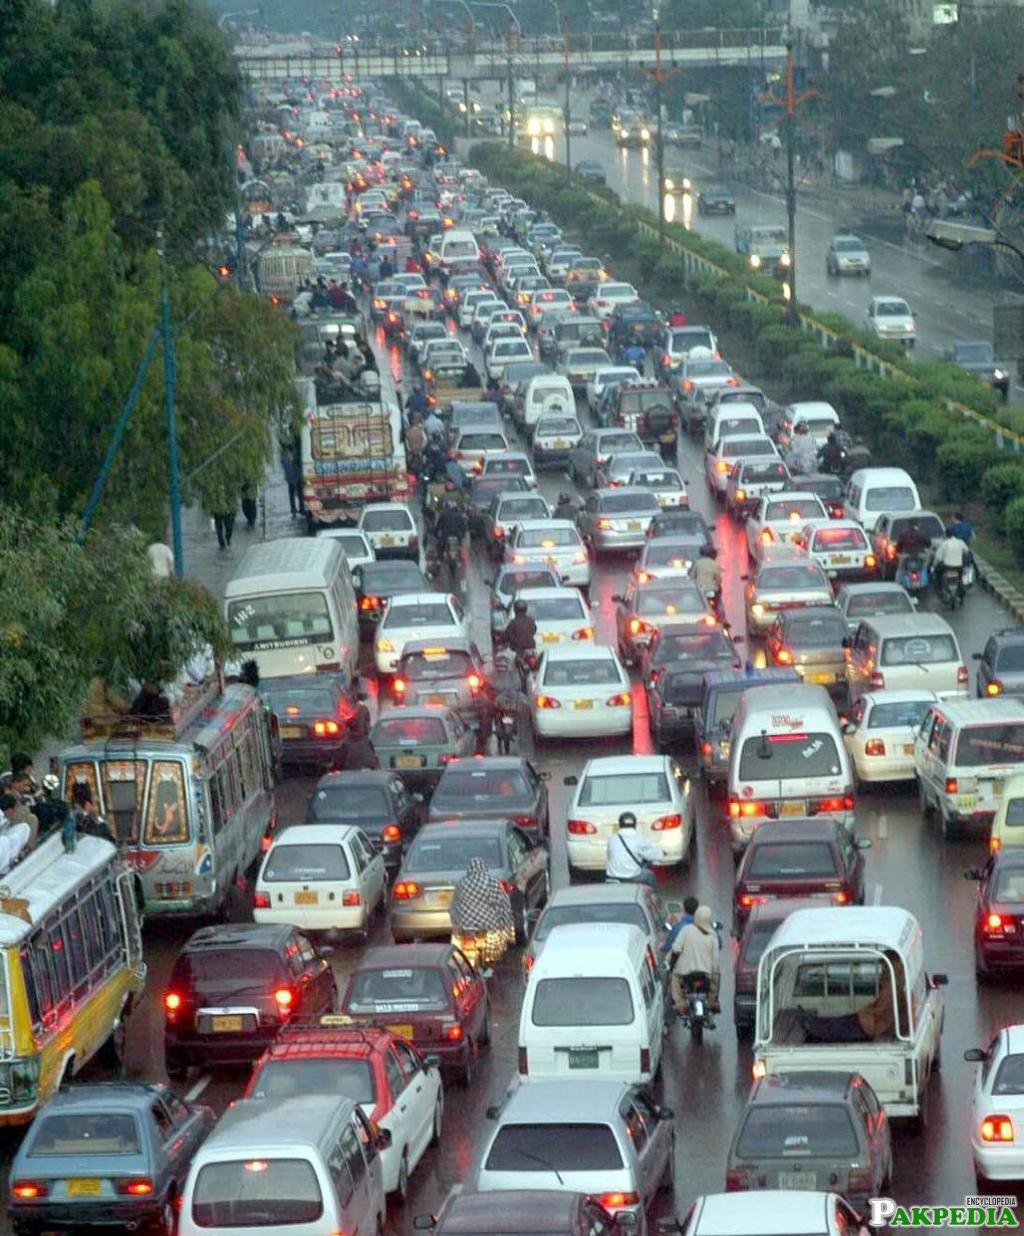 Road jam in Shahrah-e-faisal karachi